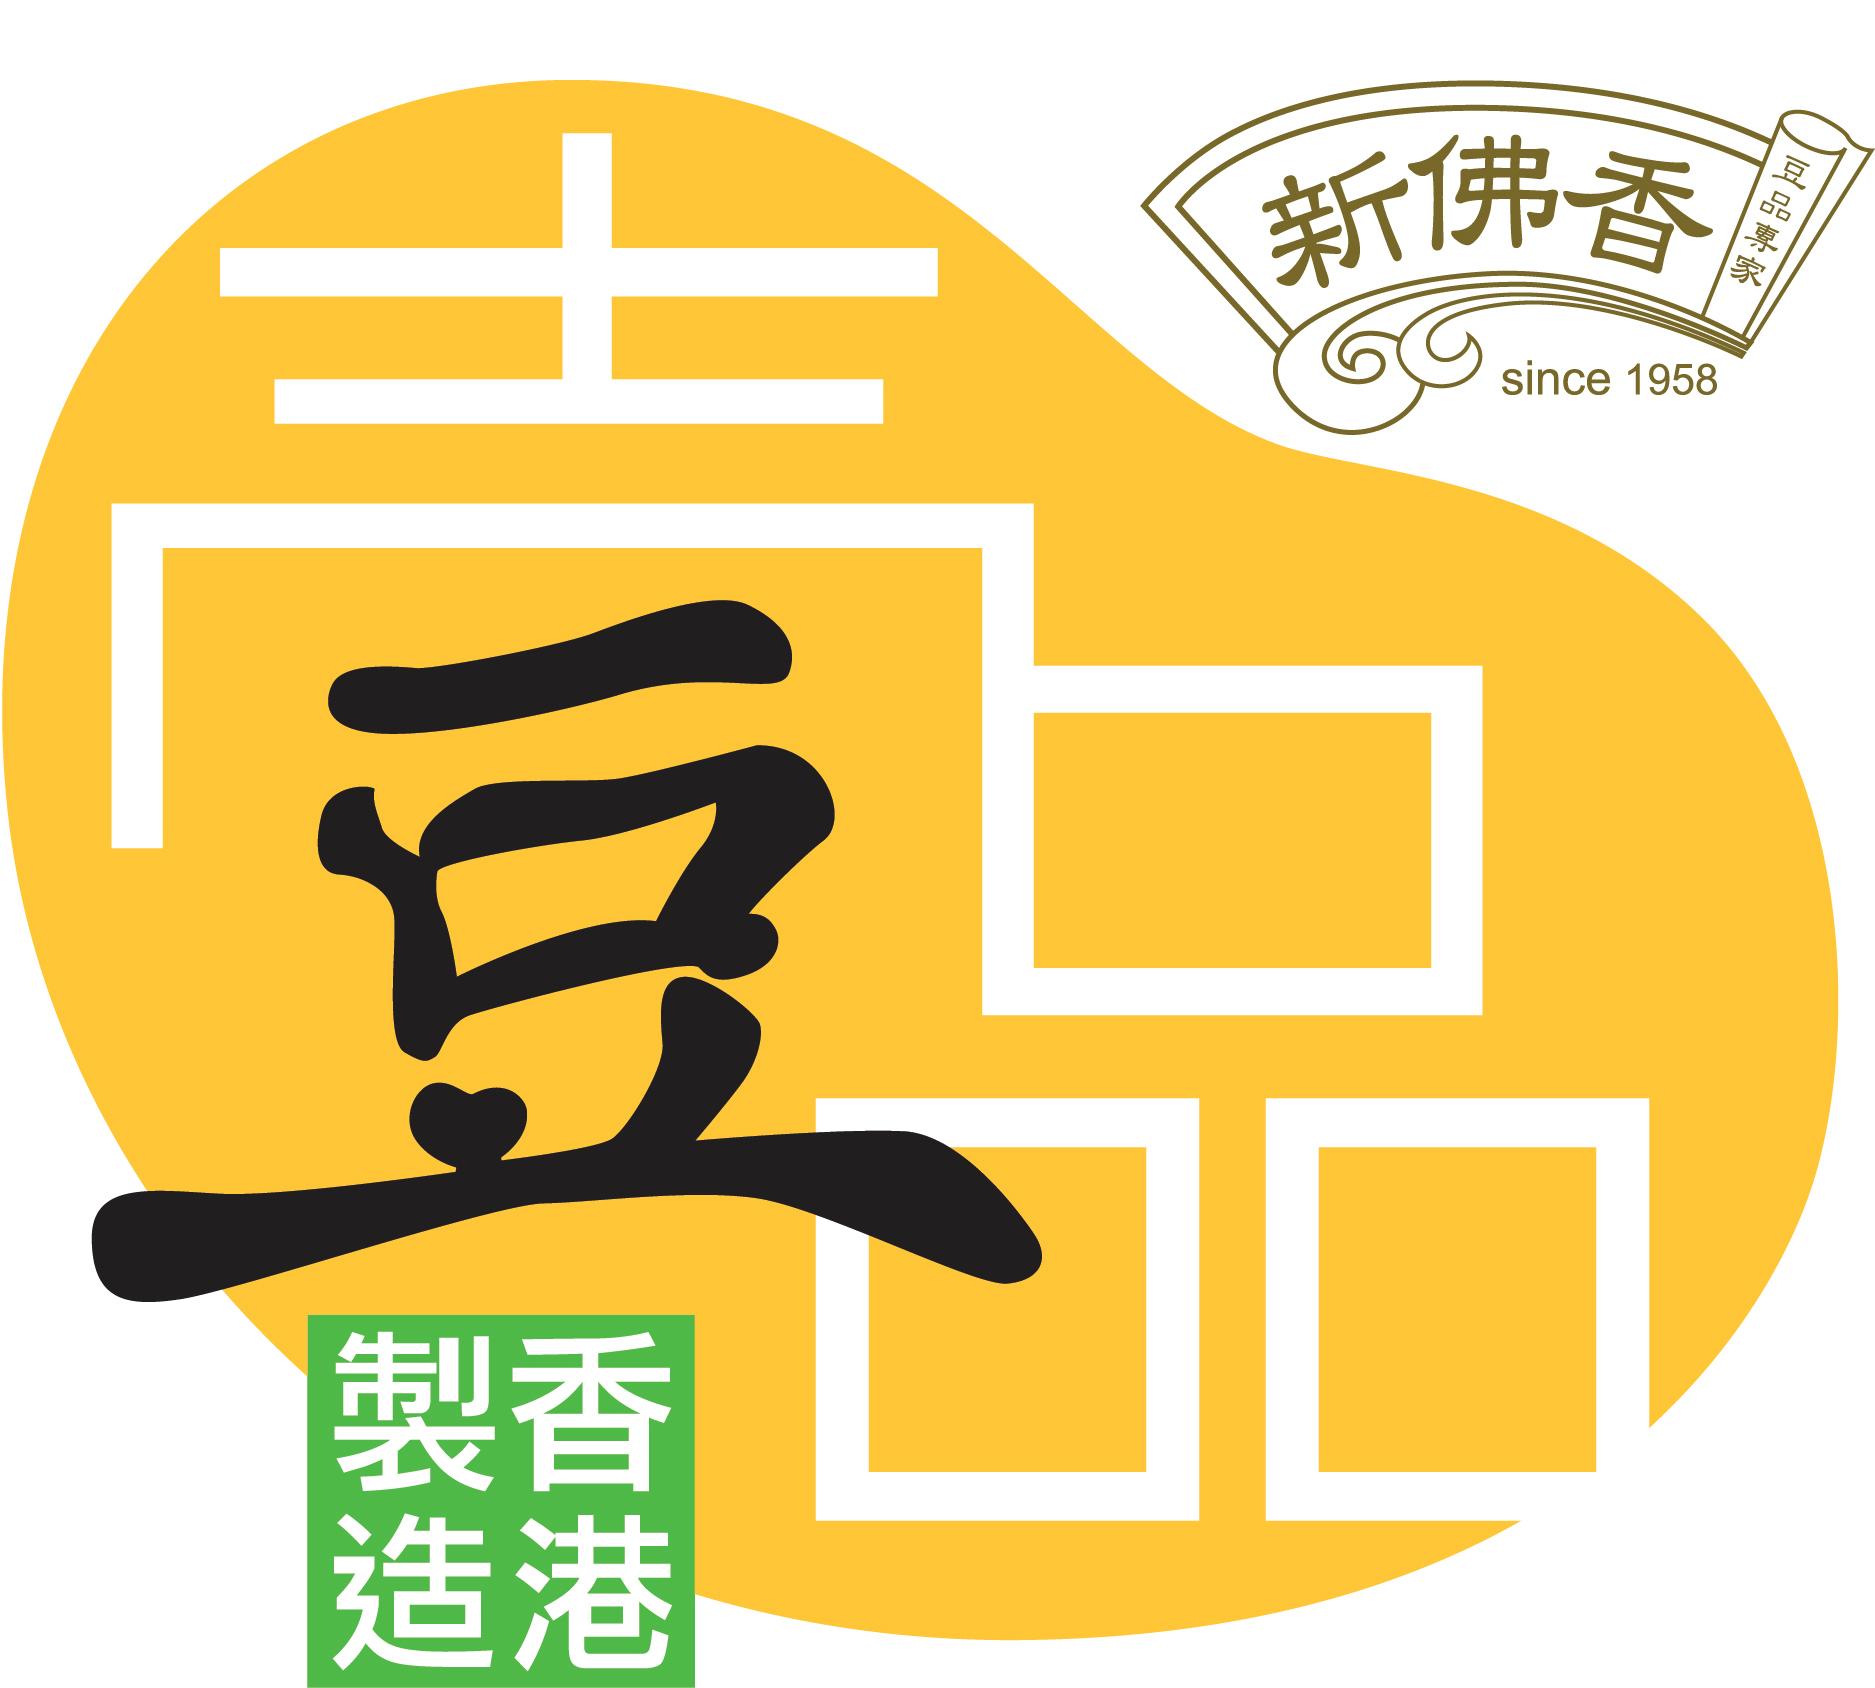 food scheme 2017 gold SunFatHeung